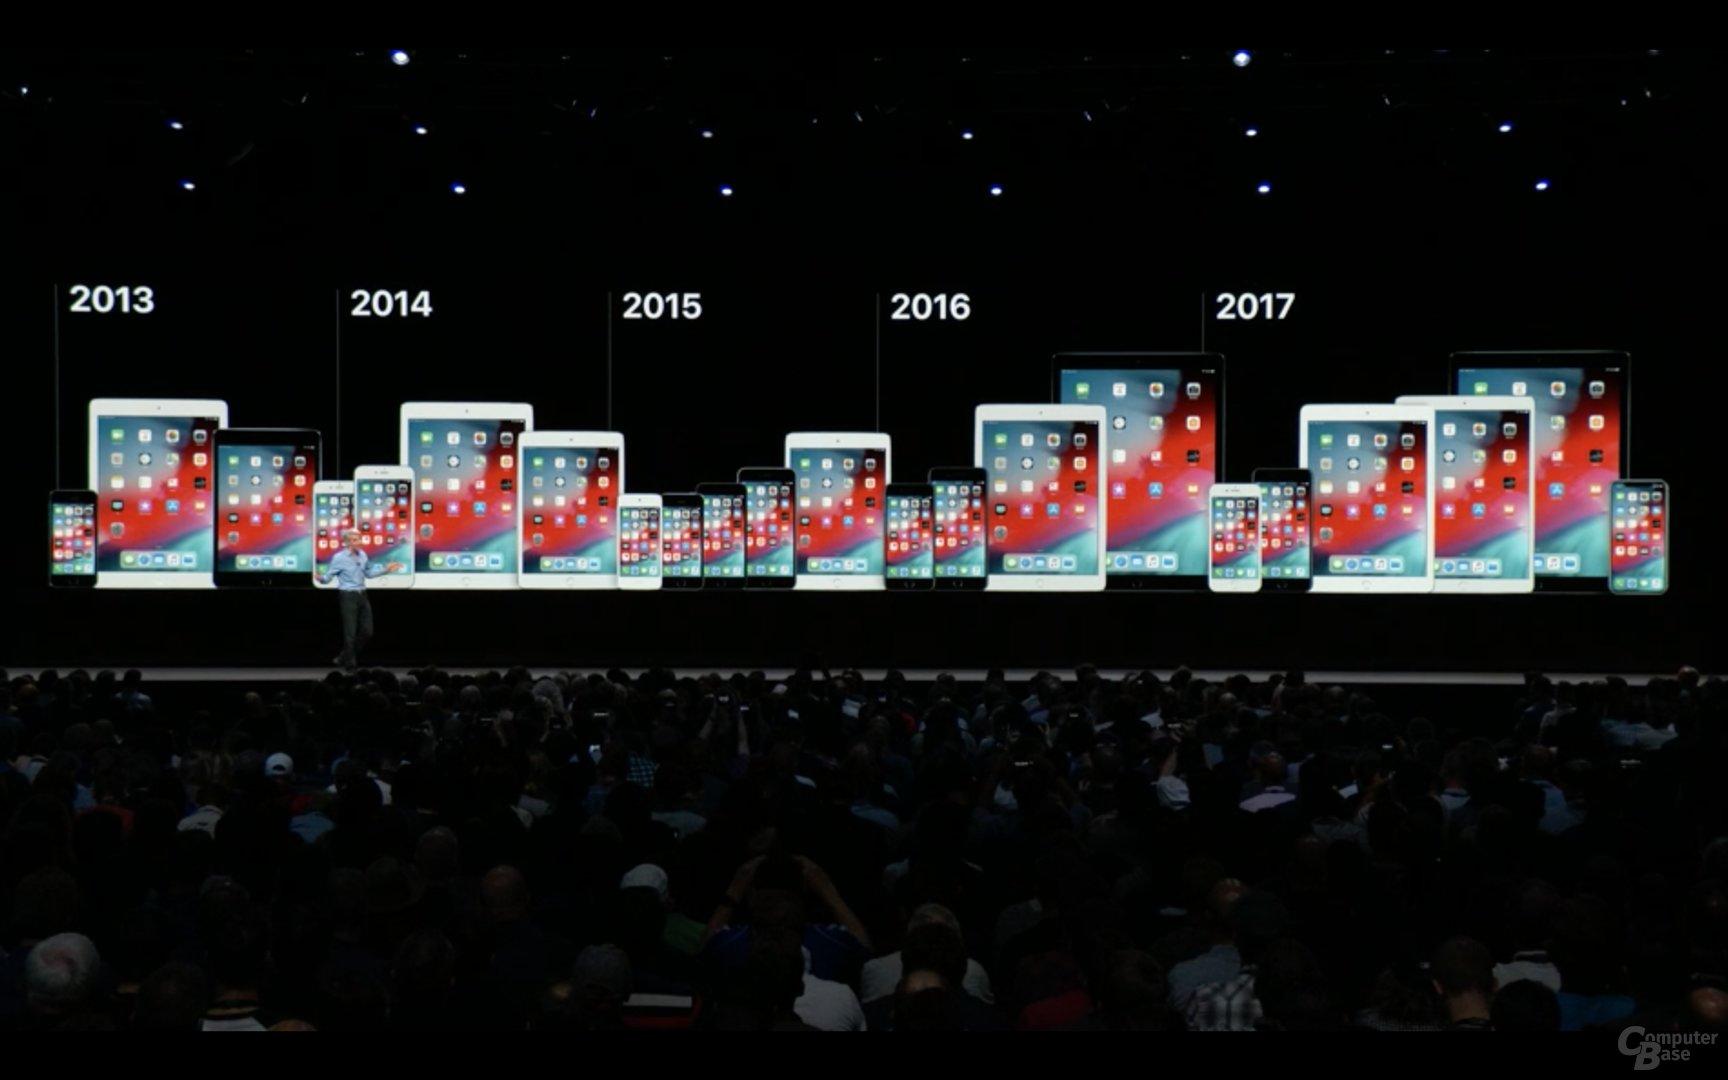 Alle Endgeräte mit iOS-11-Unterstützung erhalten auch iOS 12